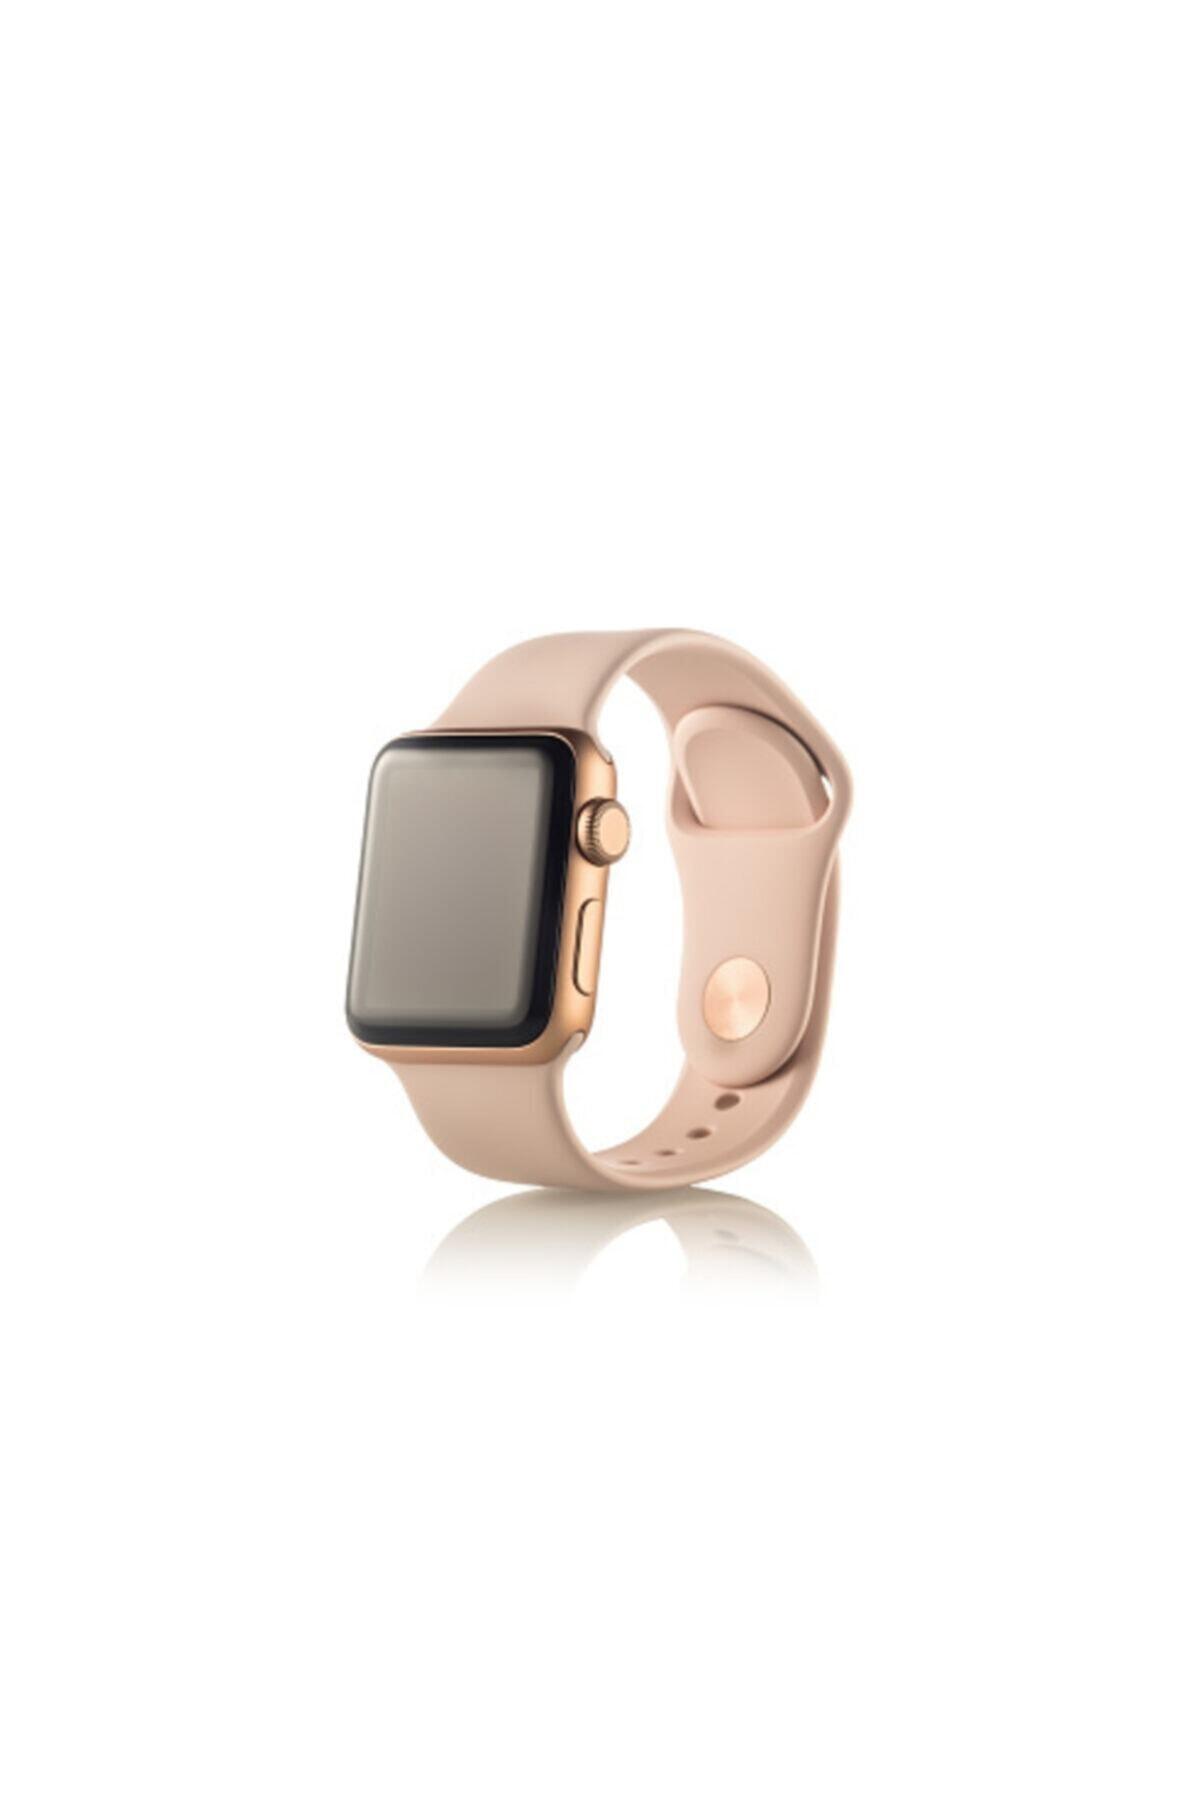 SmartWatch Trktech W26+ Watch 6 Plus Akıllı Saat Yan Düğme Döndürme Aktif 1